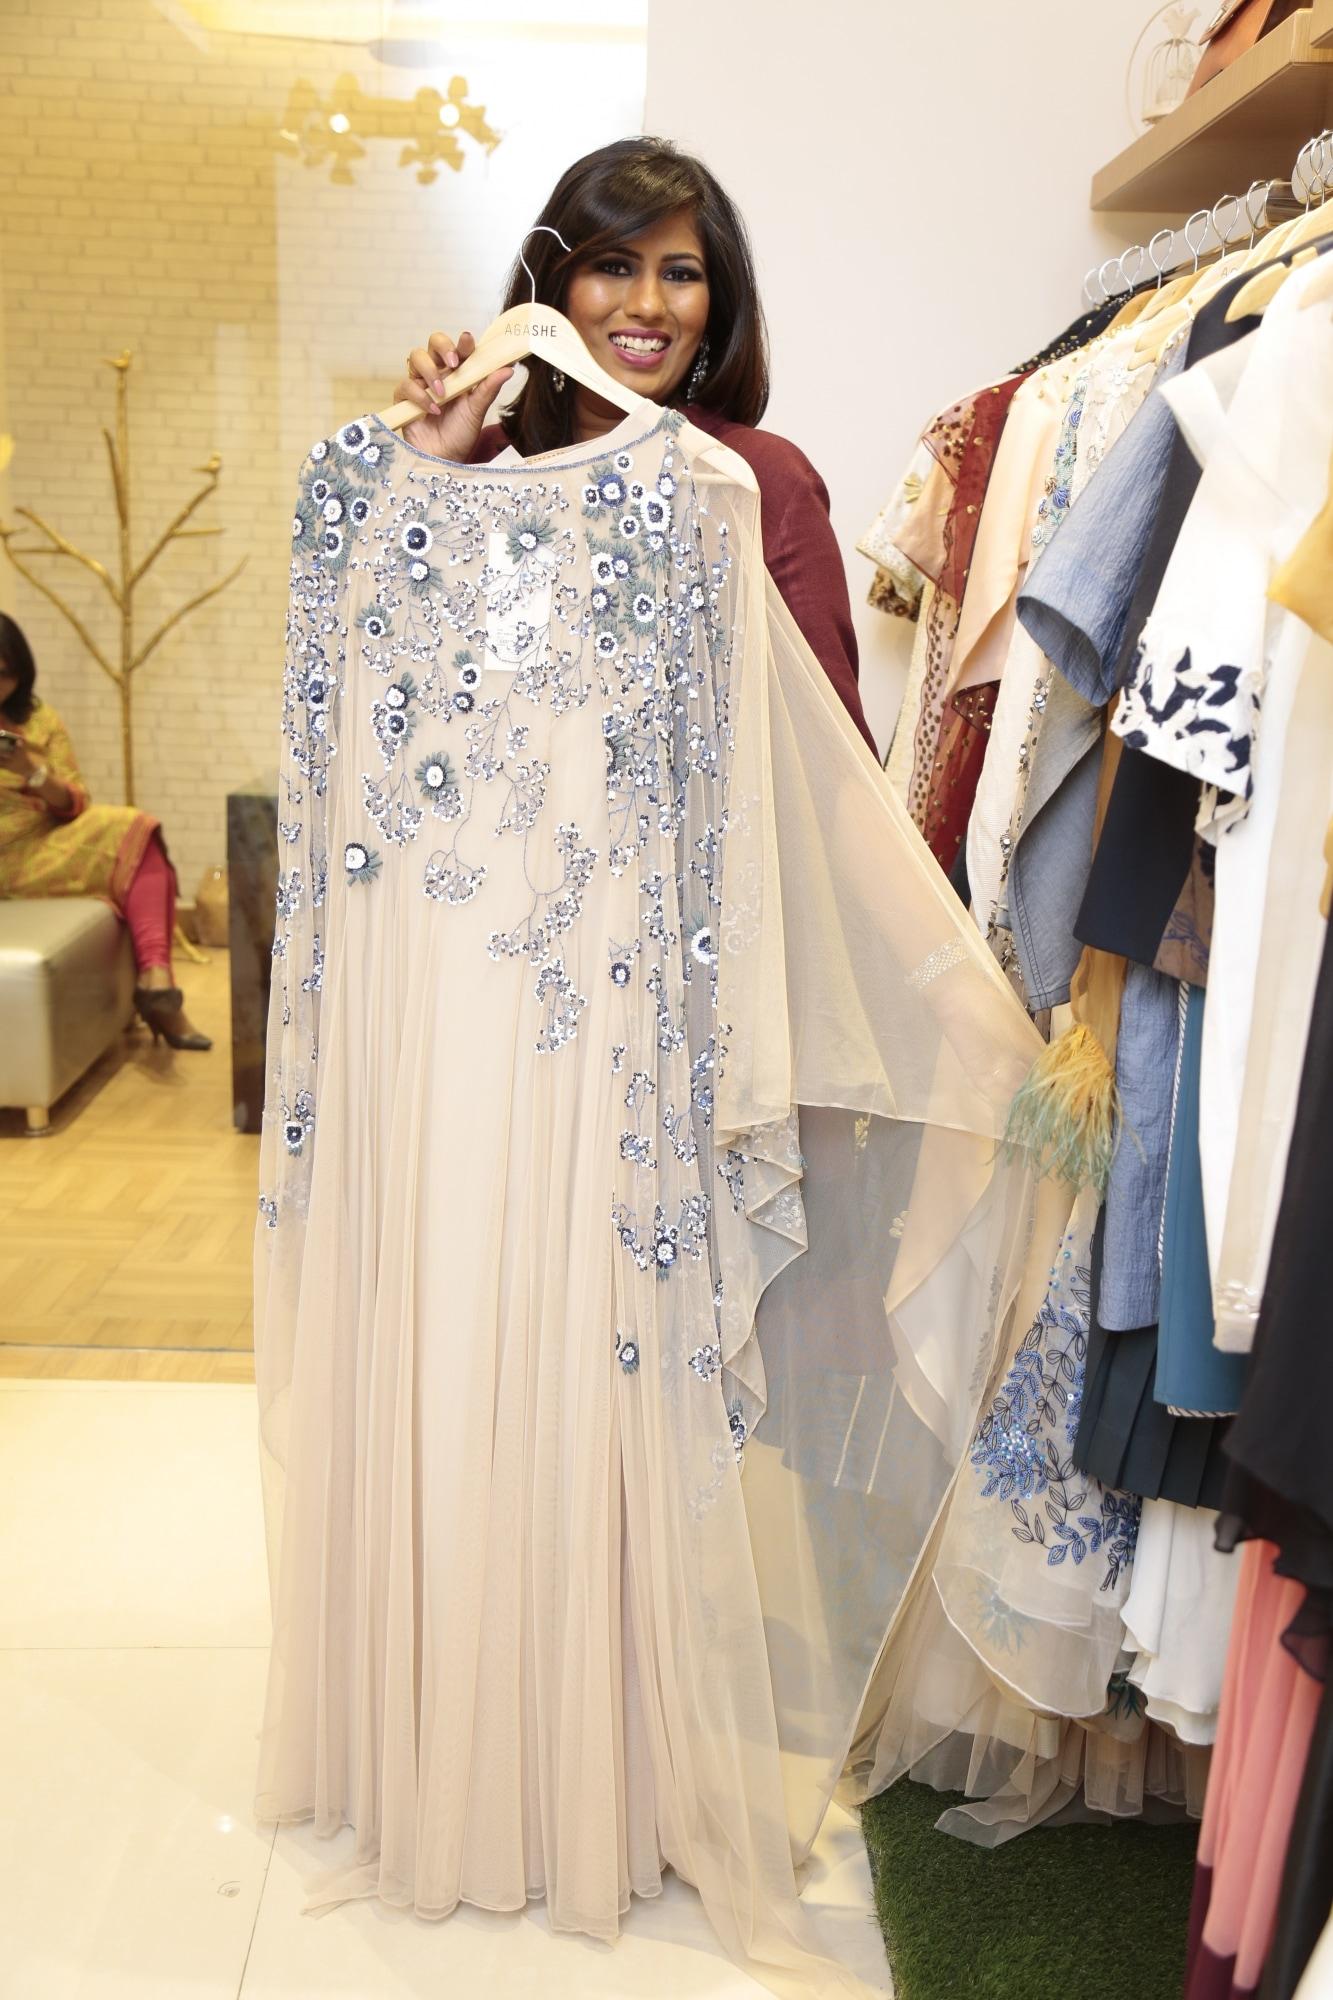 Agashe Multi Designer Store Ghitorni Boutiques In Delhi Justdial